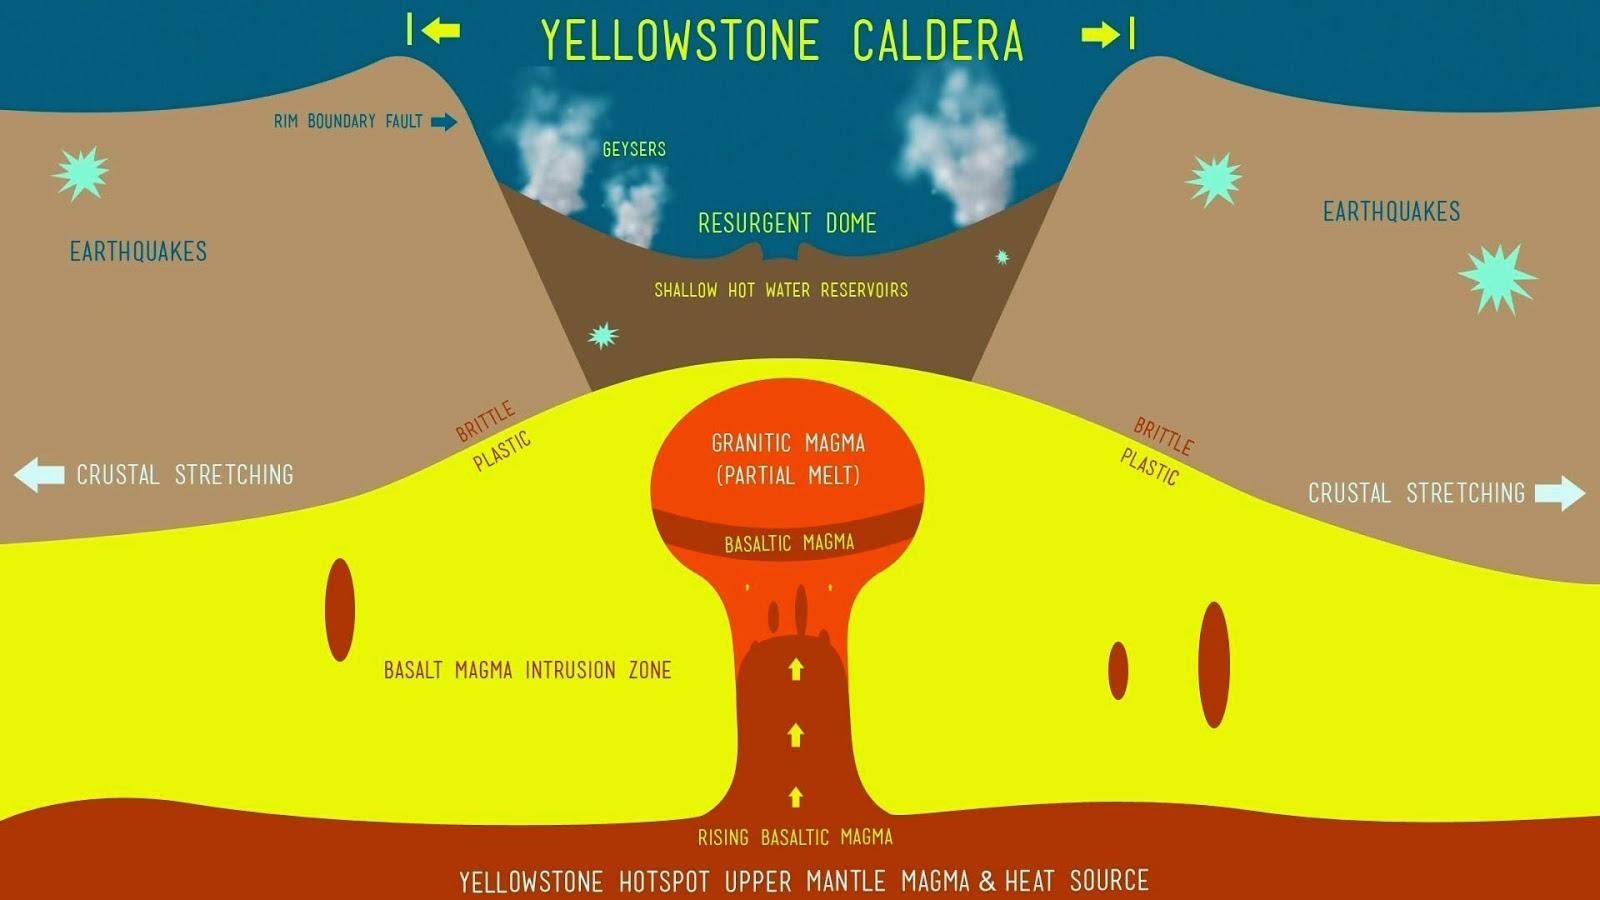 gráfica del supervolcan en yellowstone